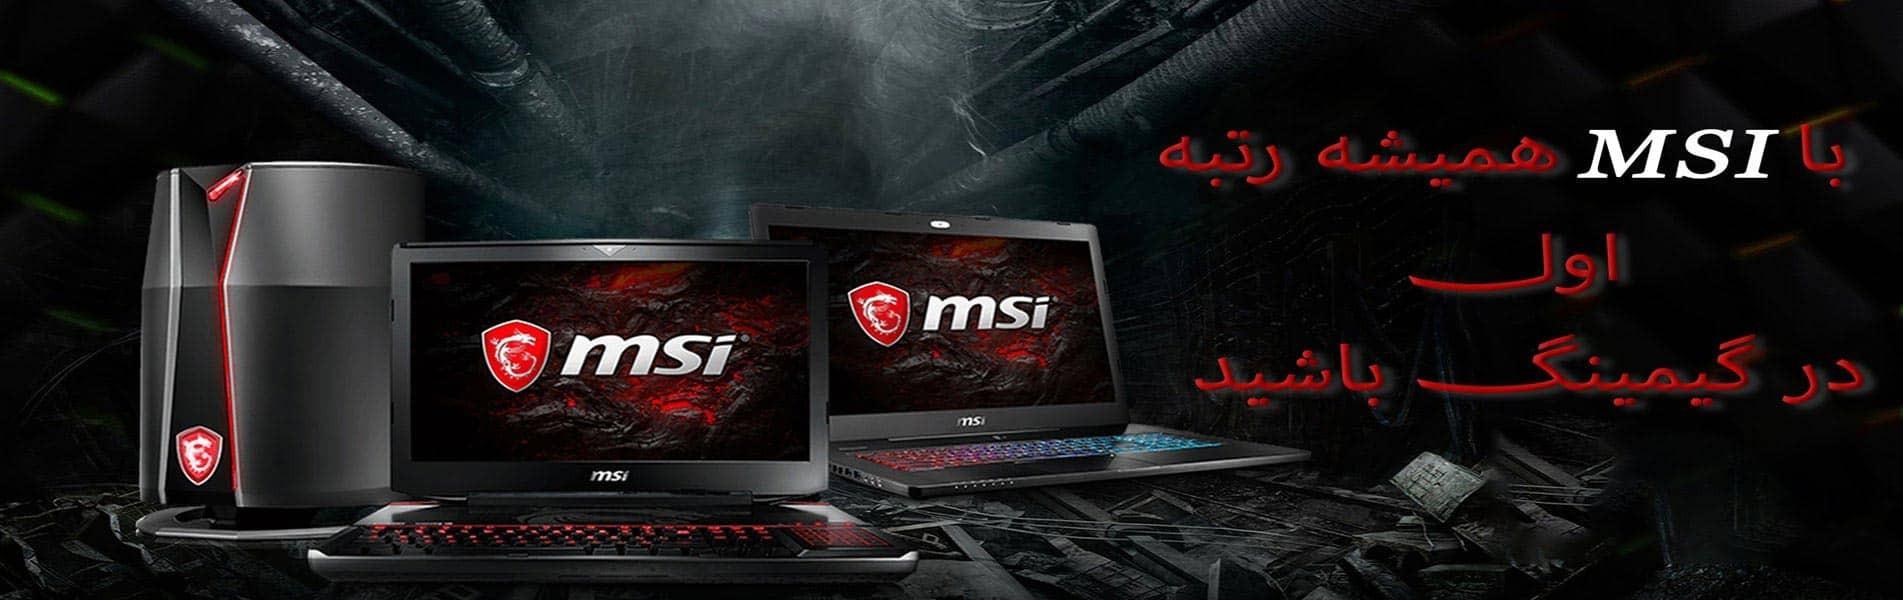 لپ تاپ های استوک msi